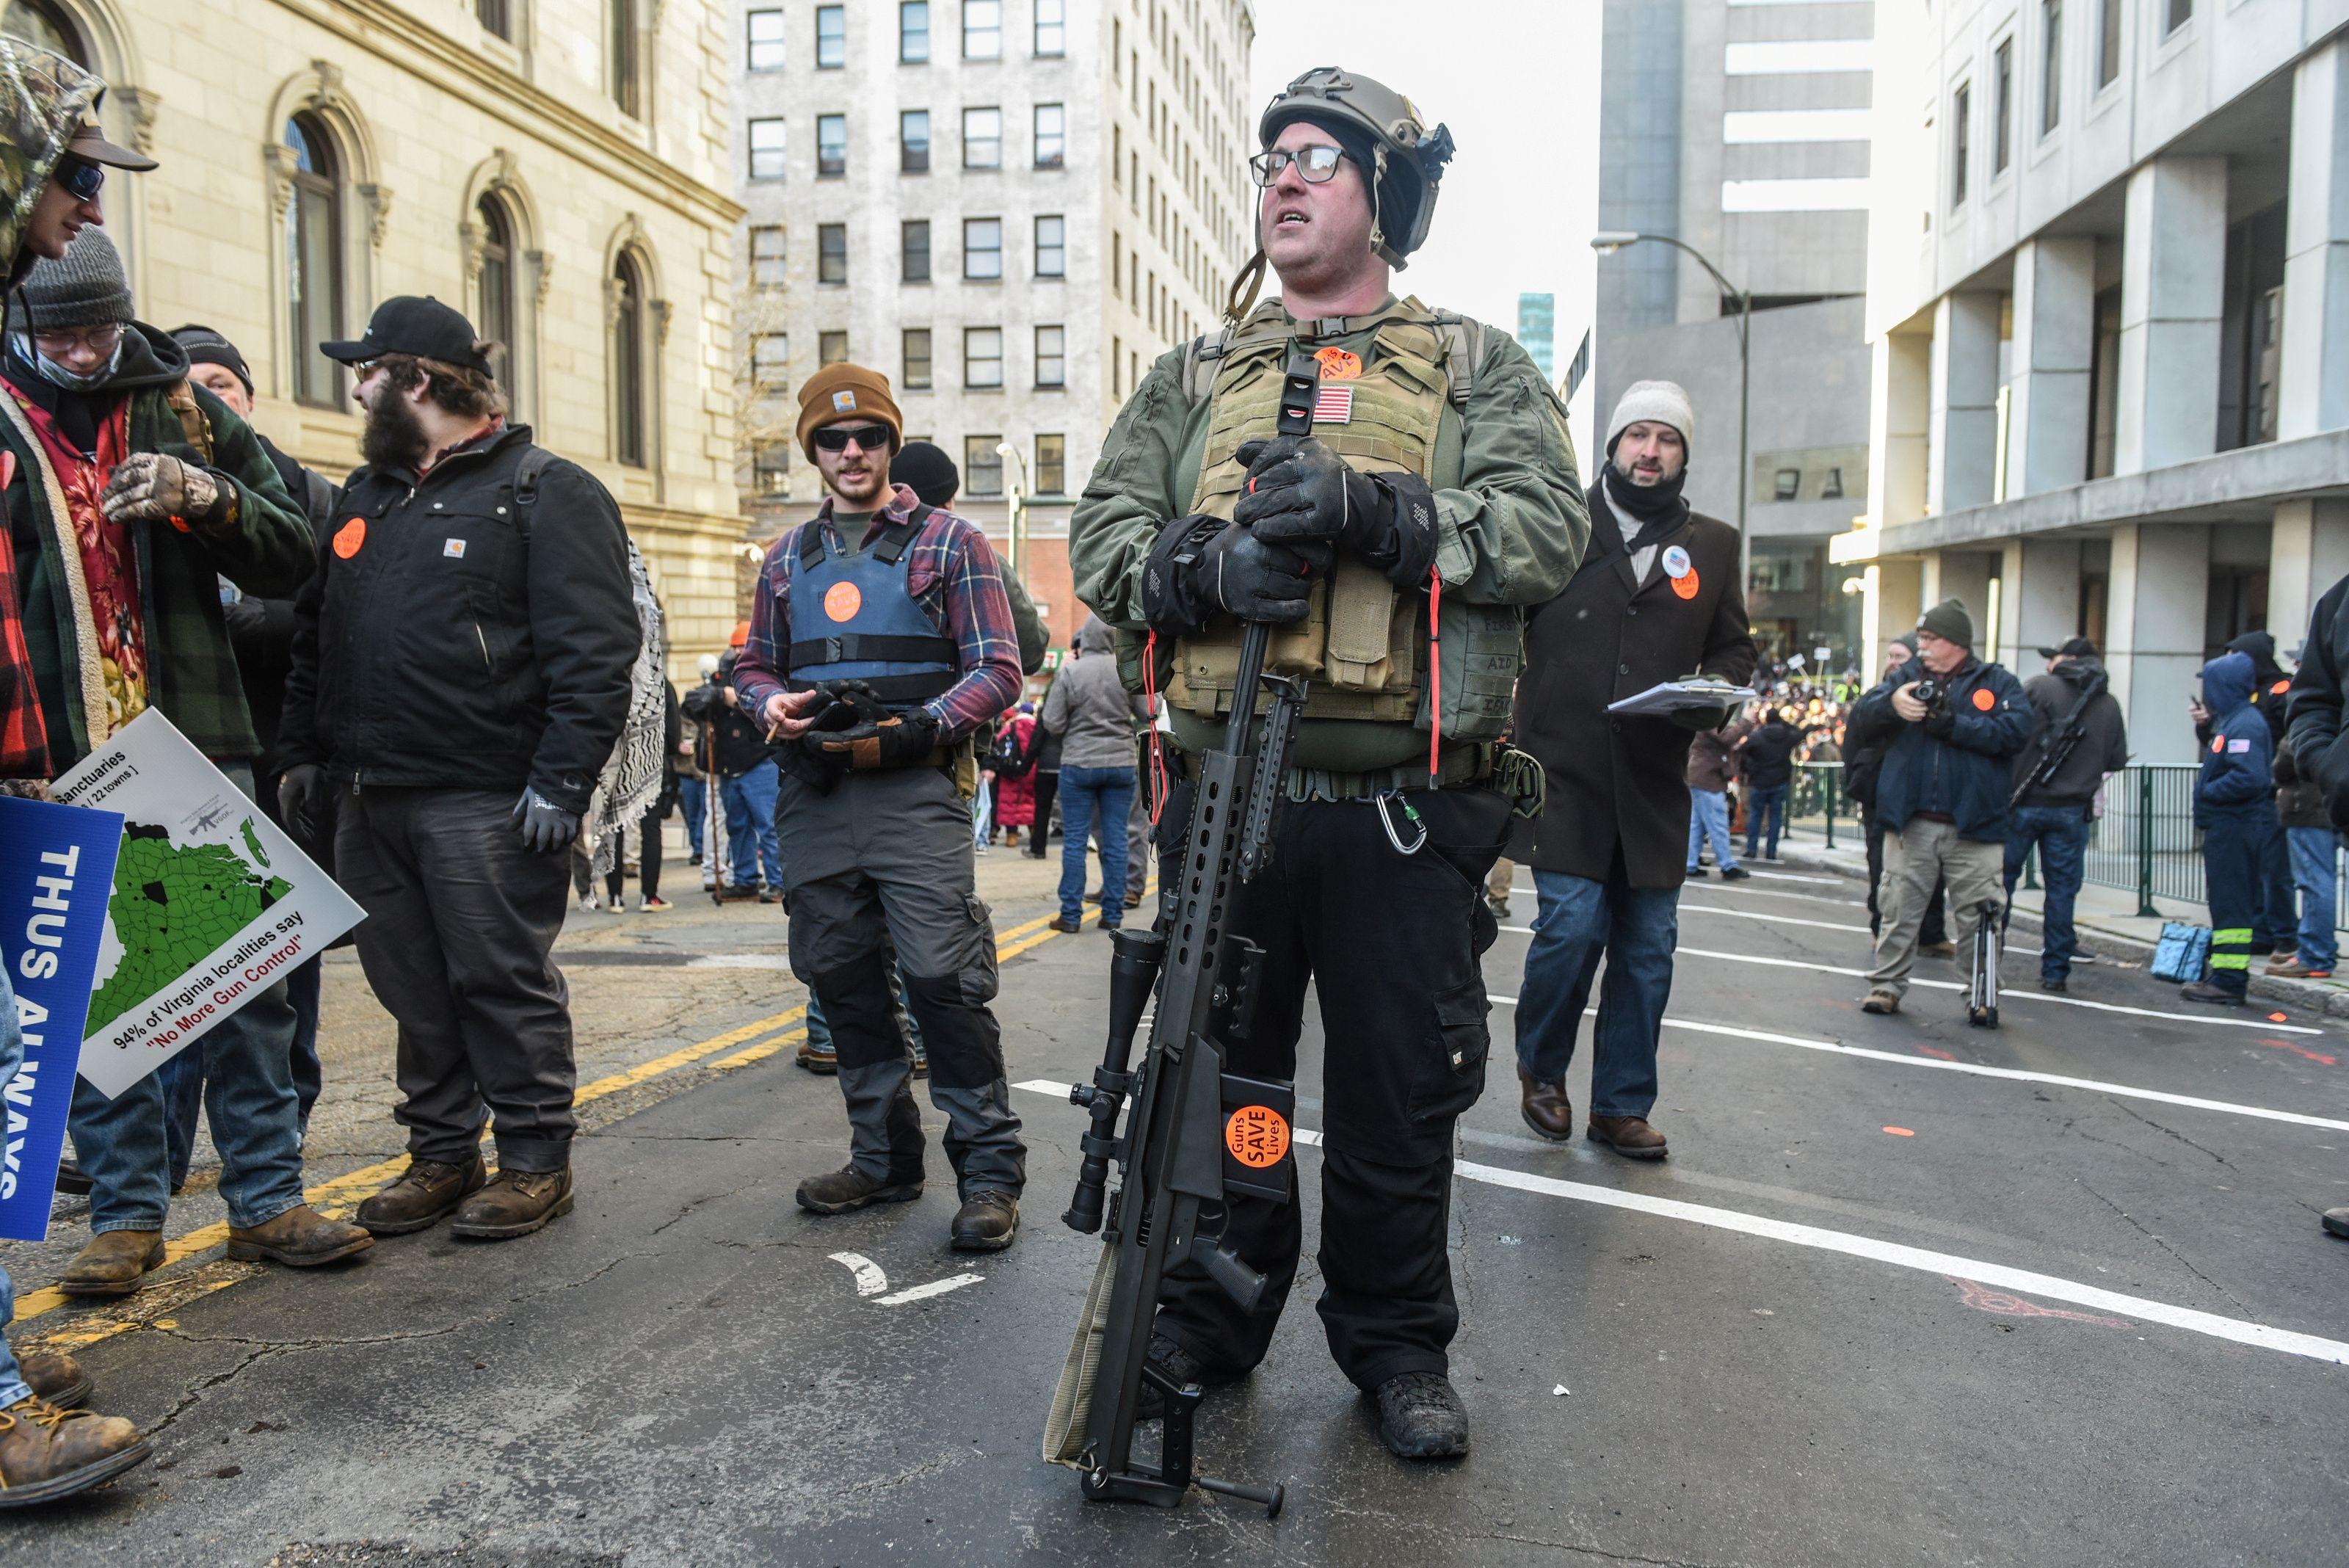 Un activista portando un fusil anti-material calibre 12,7x99mm que parece ser similar al Barrett M82. Estas armas militares están diseñadas para destruir vehículos ligeros sin blindaje, y el efecto en el cuerpo humano es devastador (REUTERS/Stephanie Keith)